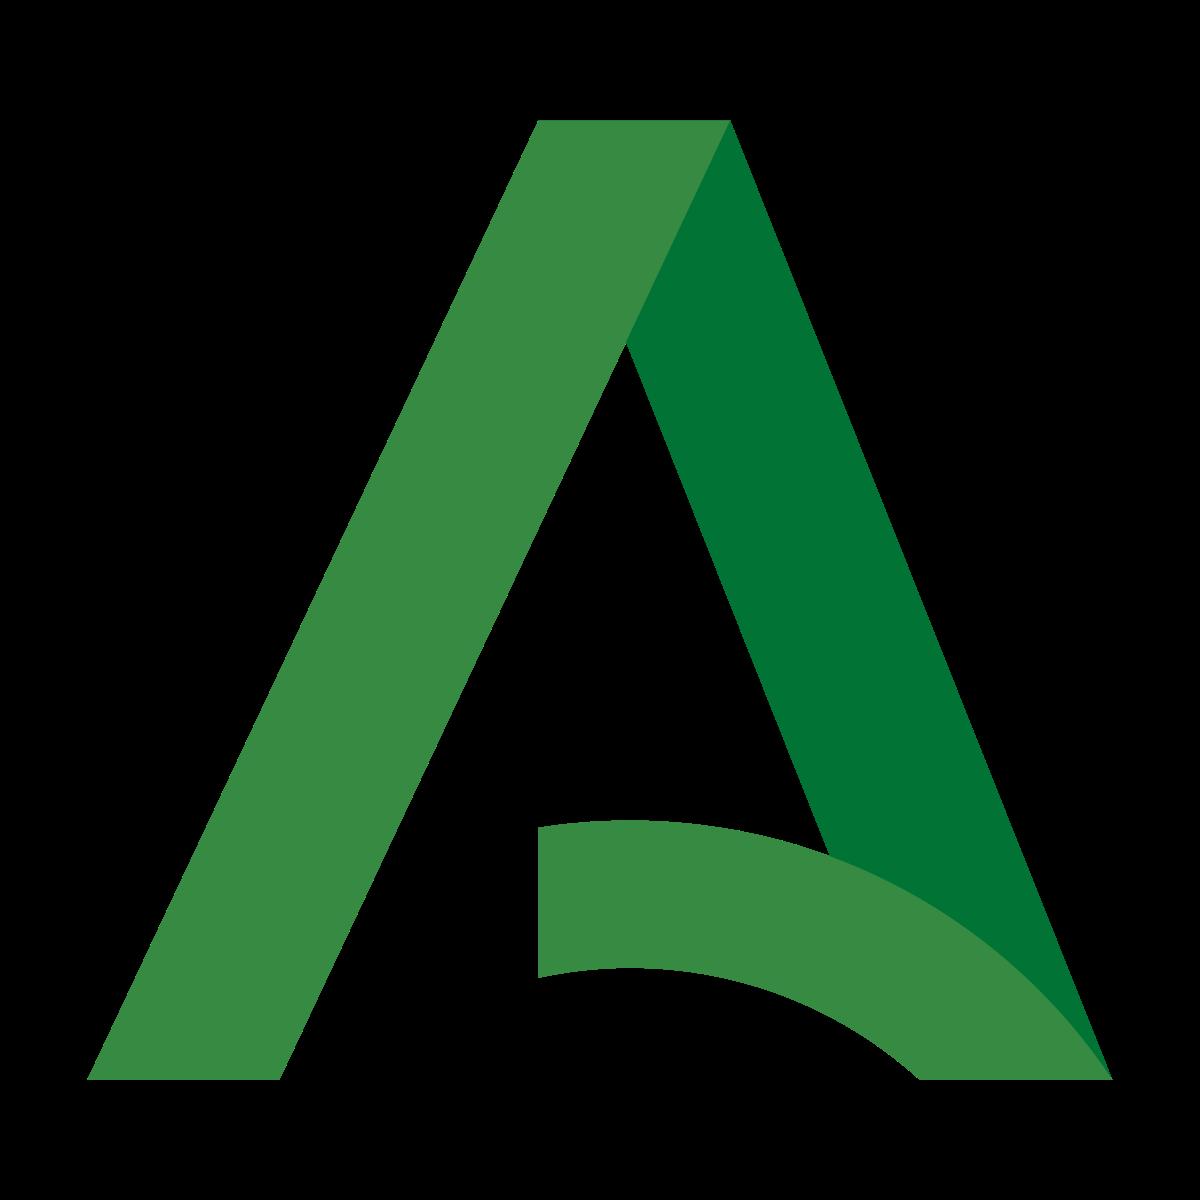 avfp_andalucía